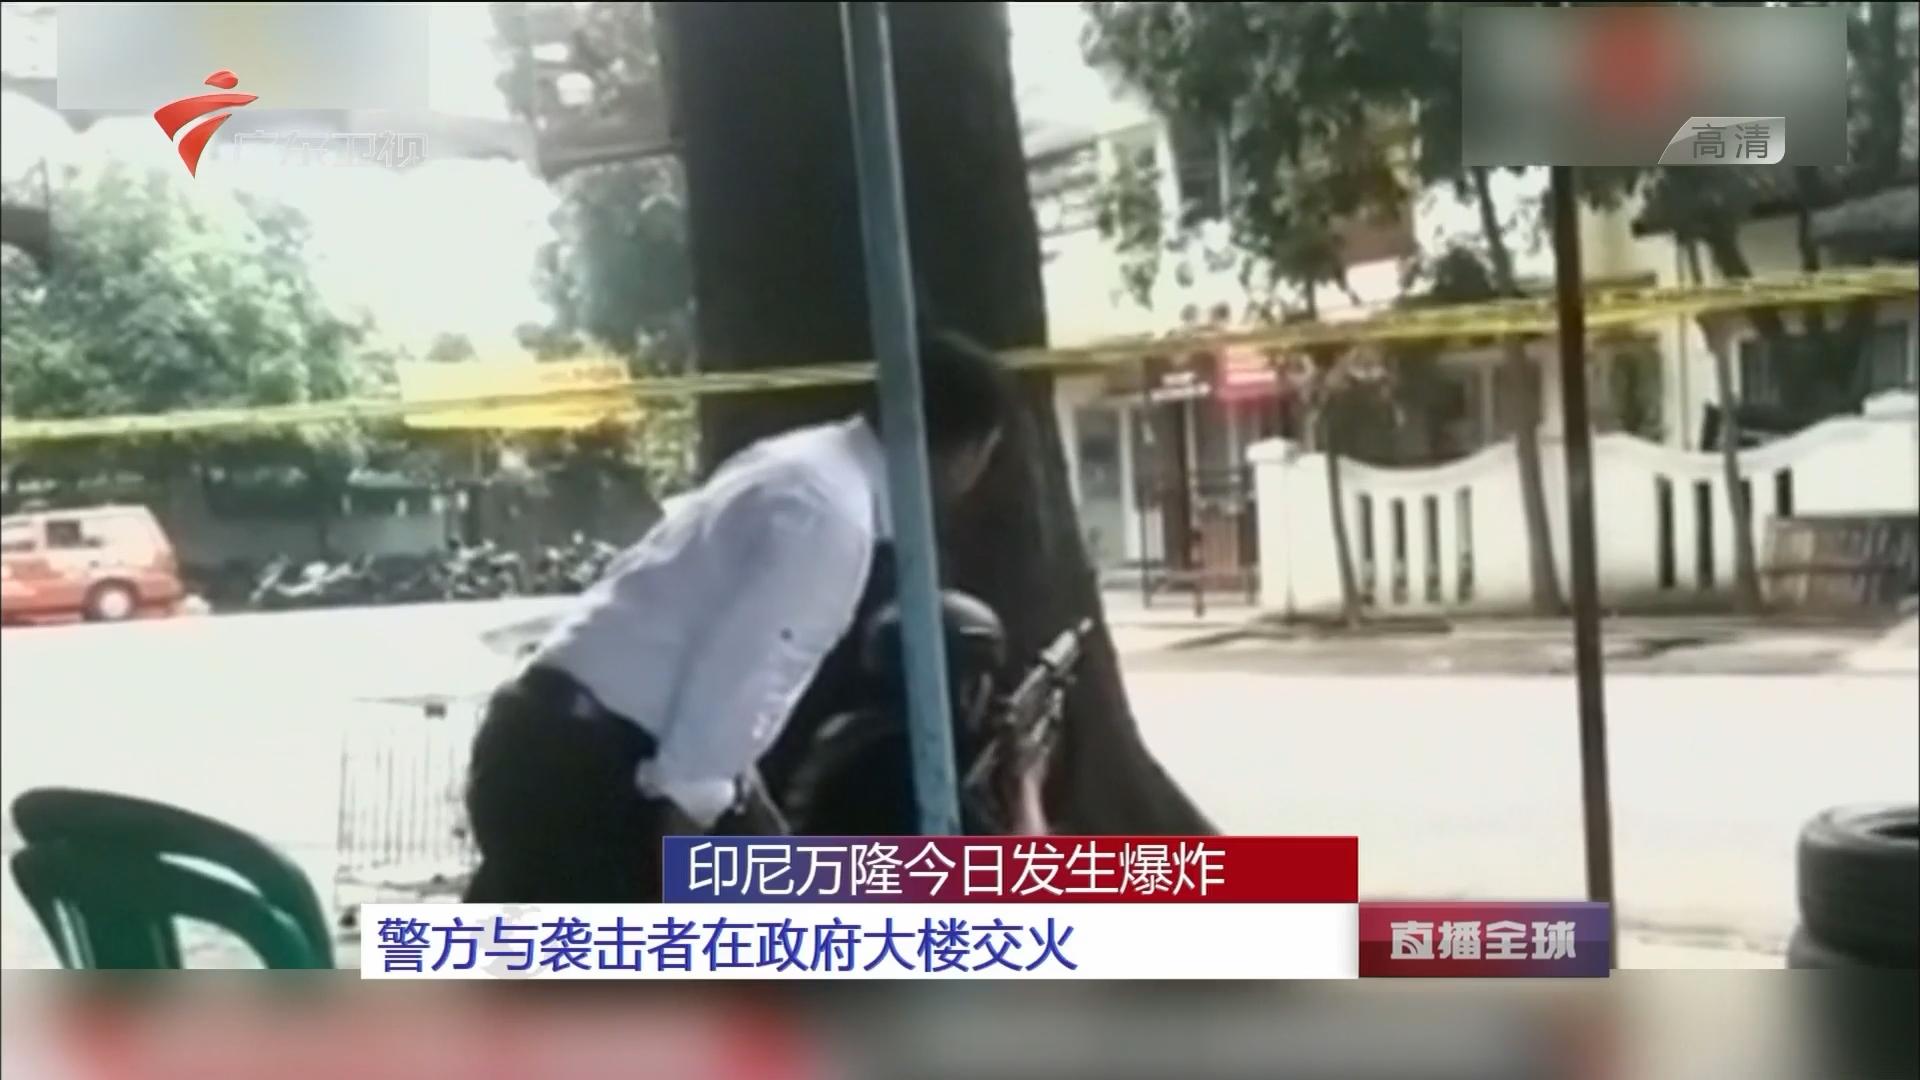 印尼万隆今日发生爆炸 警方与袭击者在政府大楼交火